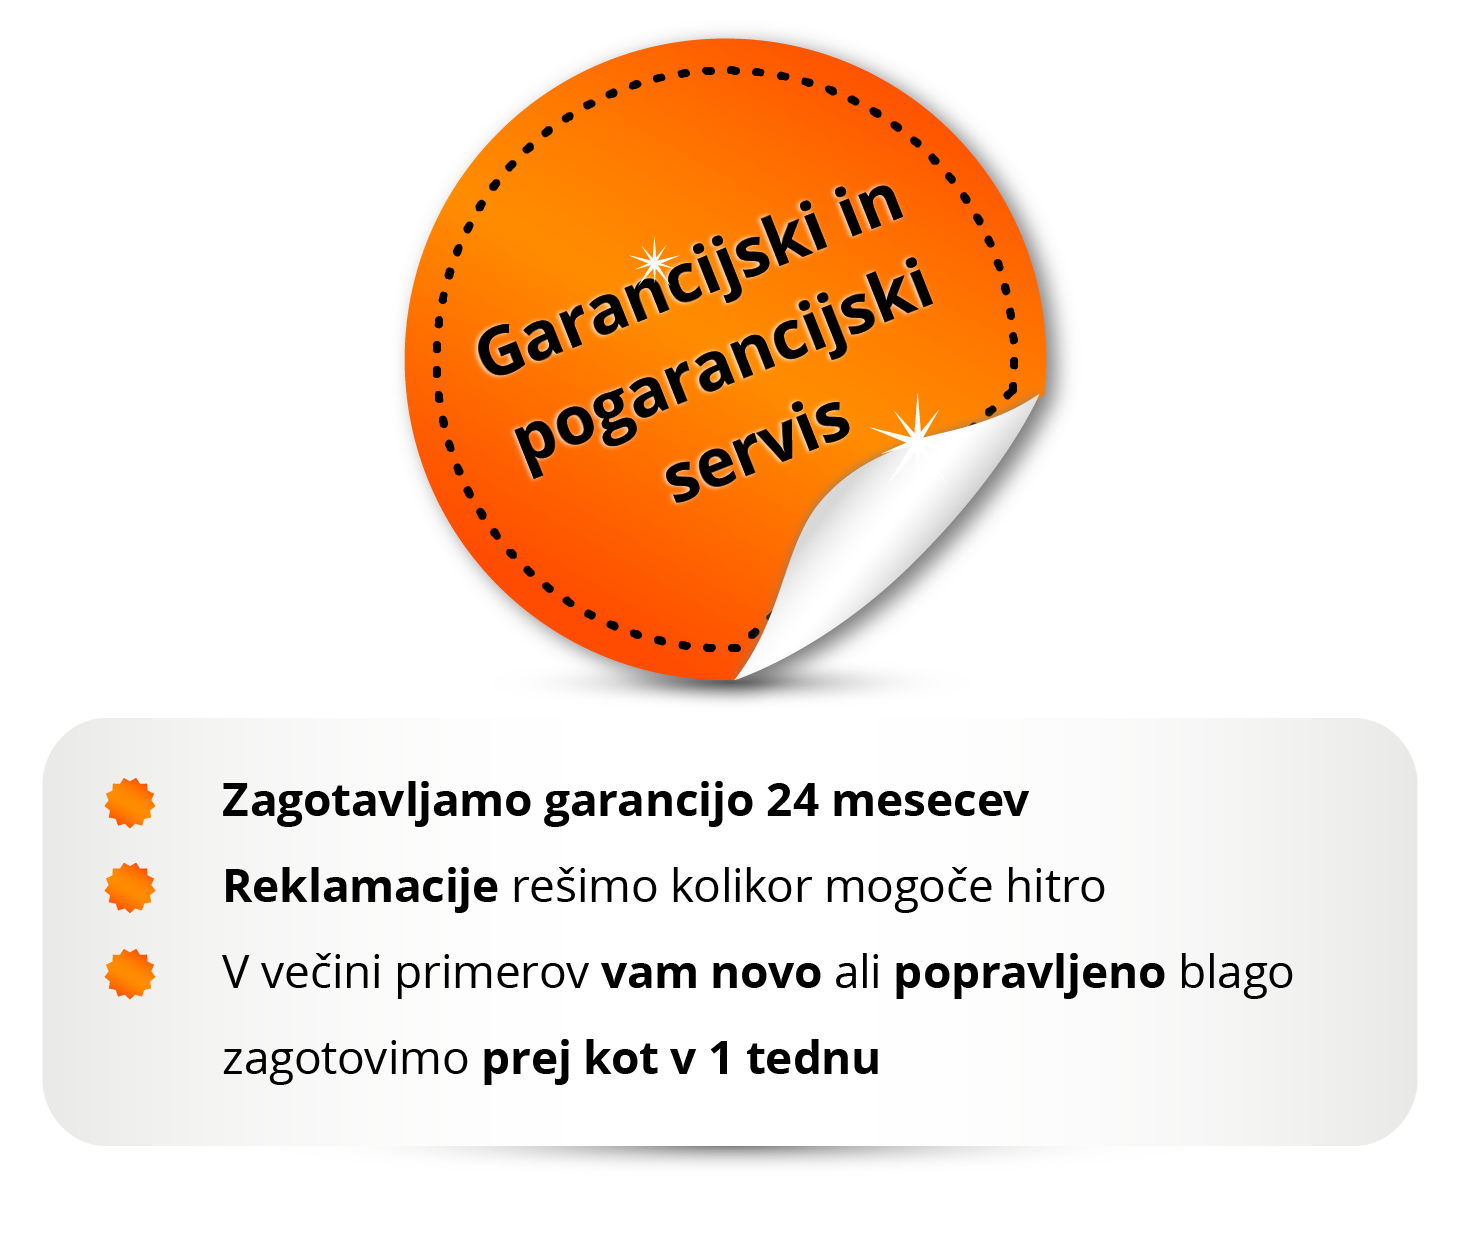 garancijski servis